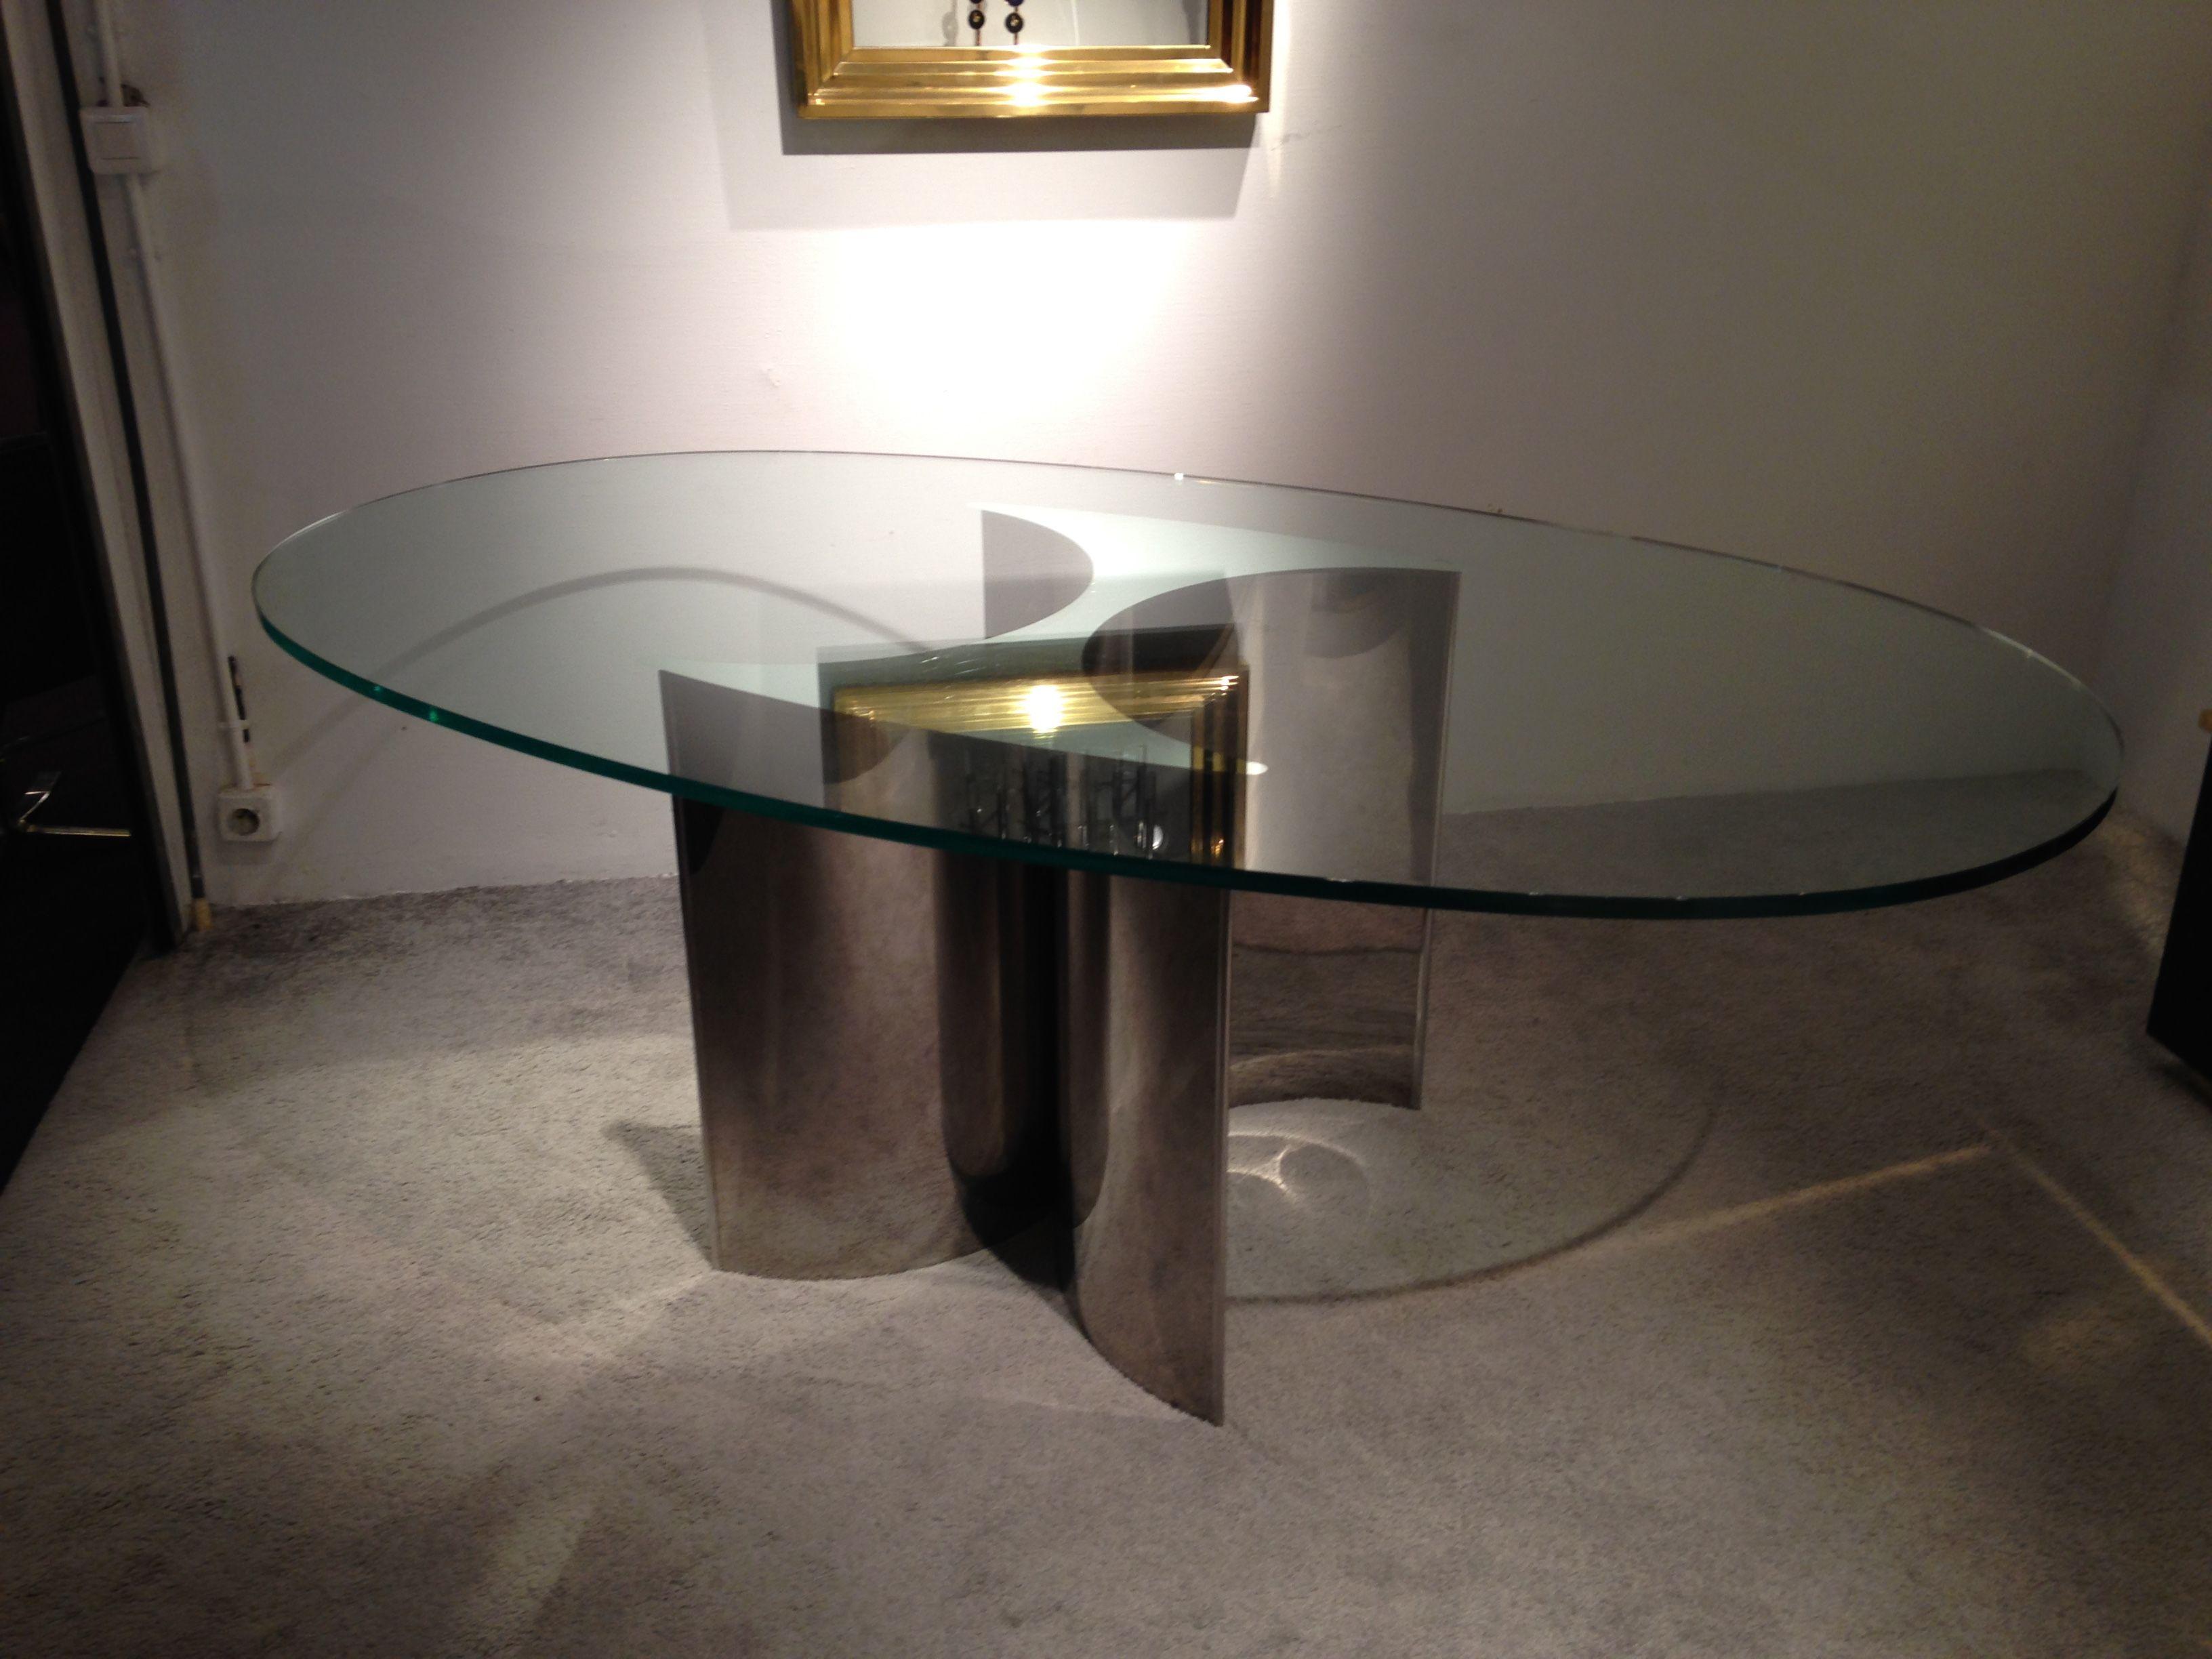 Table de salle manger en acier et verre 1970 glass furniture pinterest futuristic - Table salle a manger en verre ...